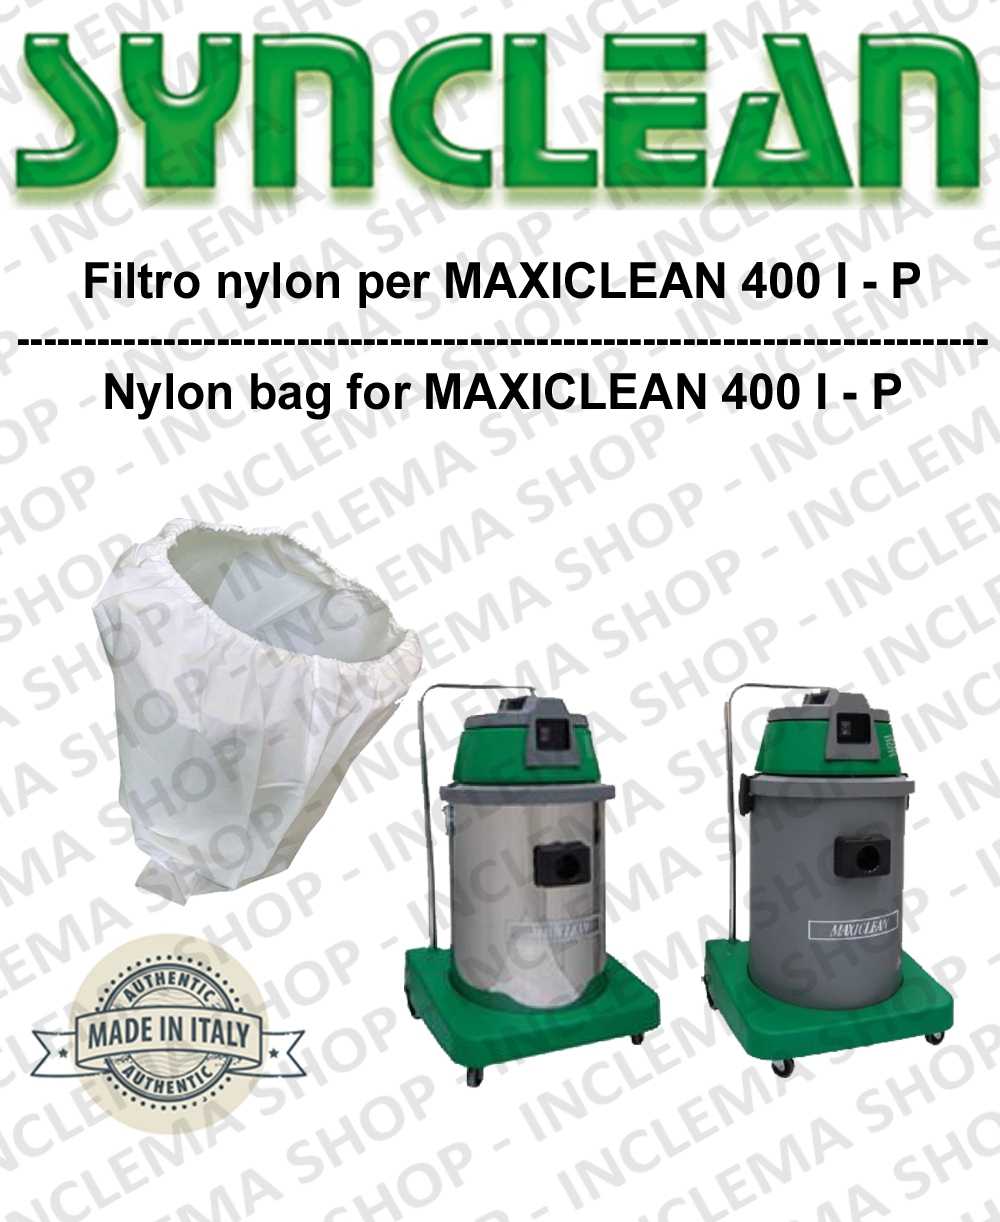 SACCO FILTRO NYLON per aspirapolvere MAXICLEAN MX400 SYNCLEAN